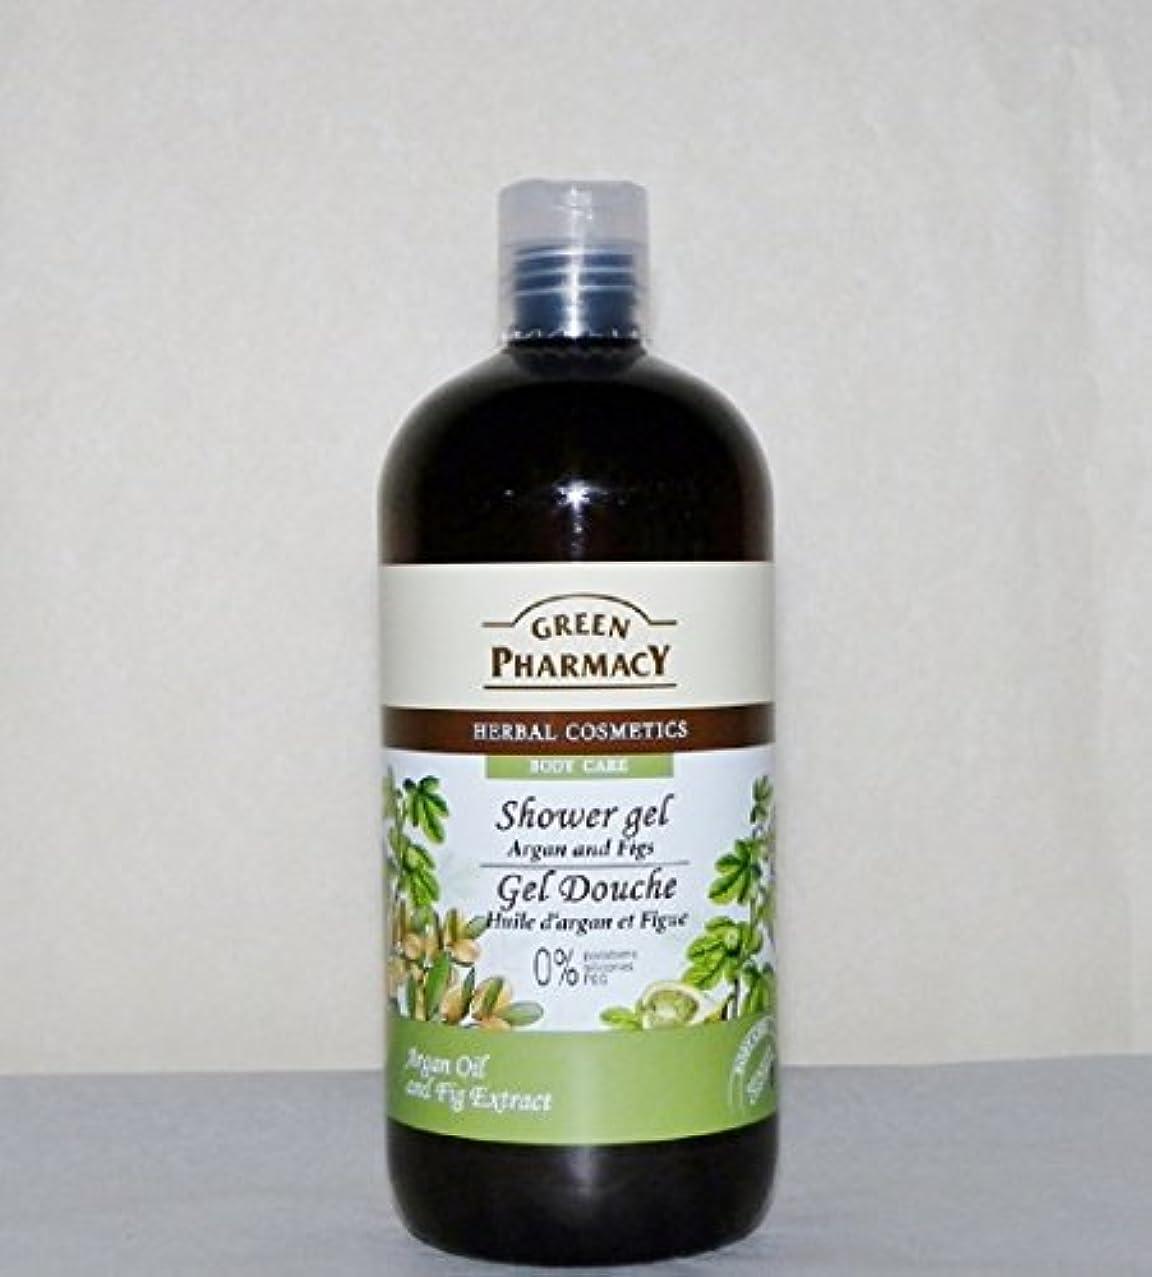 命題会社契約したElfa Pharm Green Pharmacy グリーンファーマシー Shower Gel シャワージェル Argan Oil&Figs